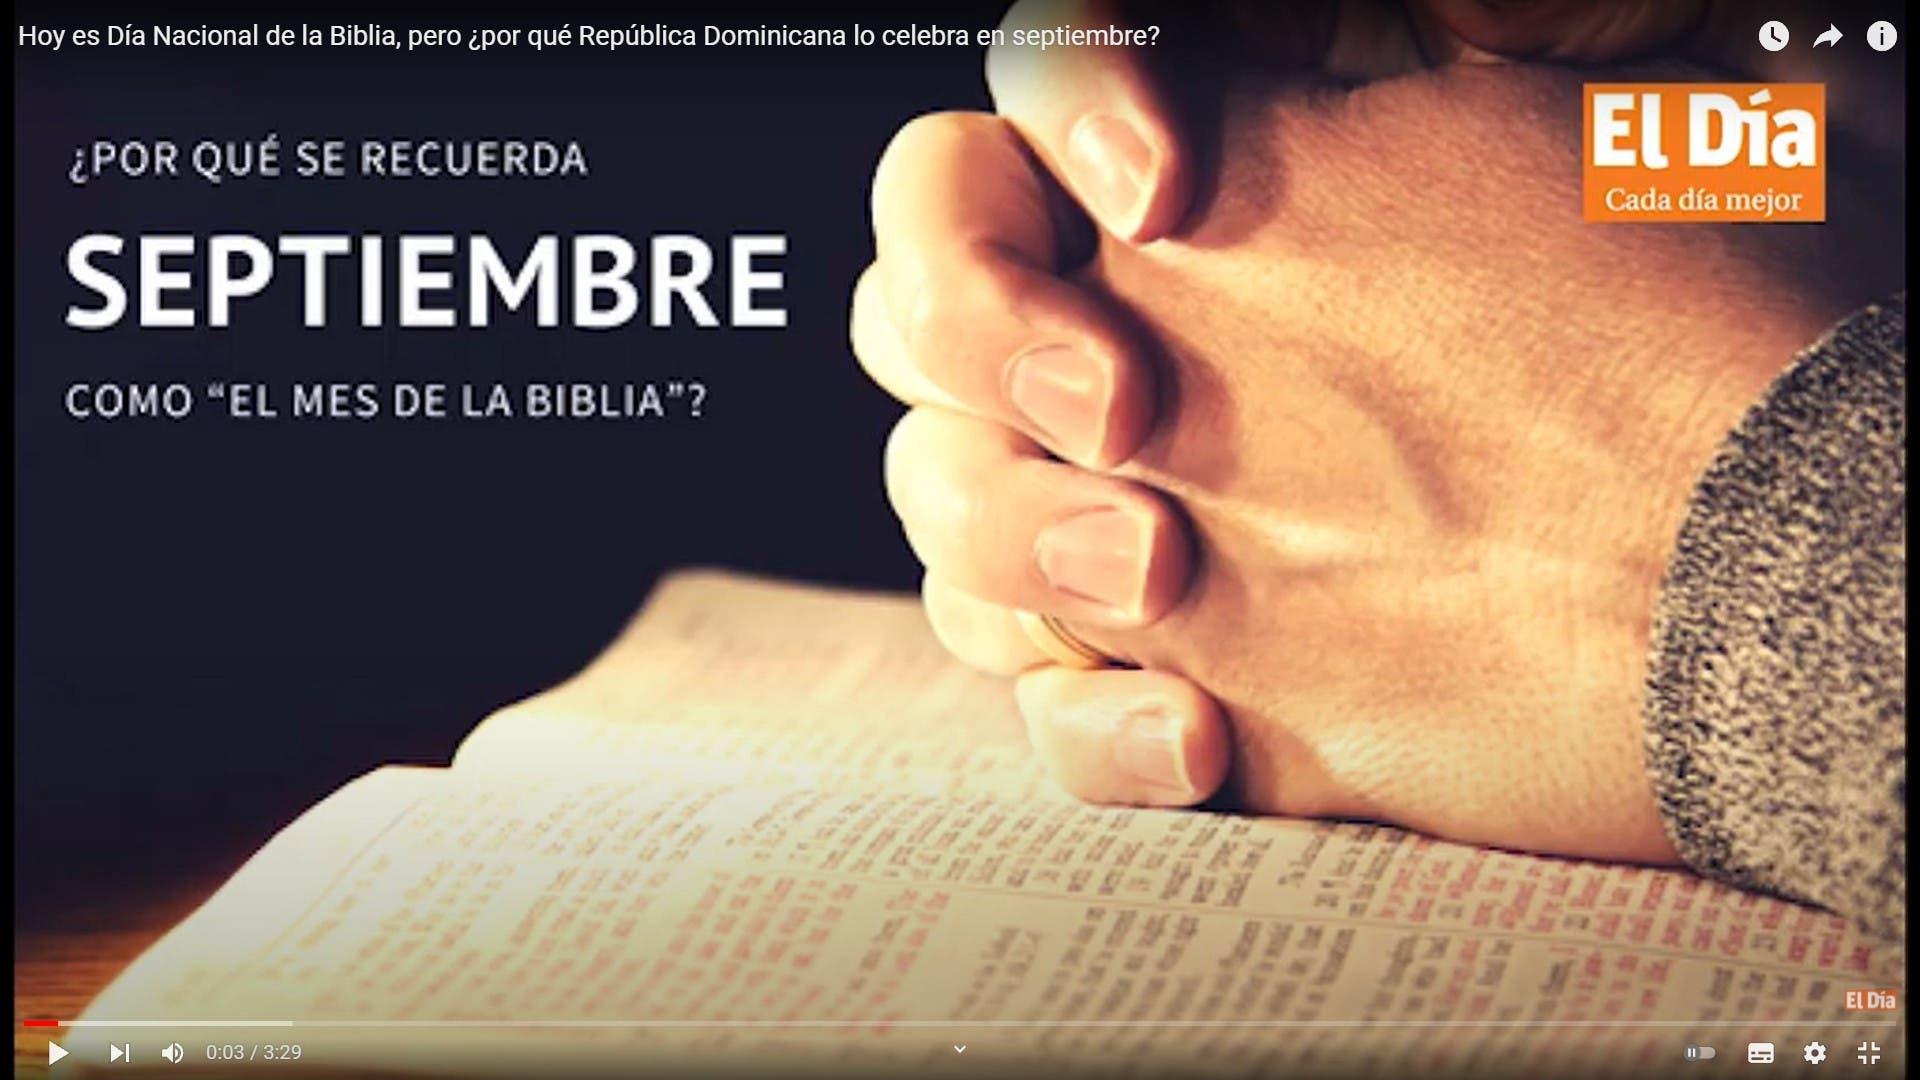 Hoy es Día Nacional de la Biblia, pero ¿por qué República Dominicana lo celebra en septiembre?